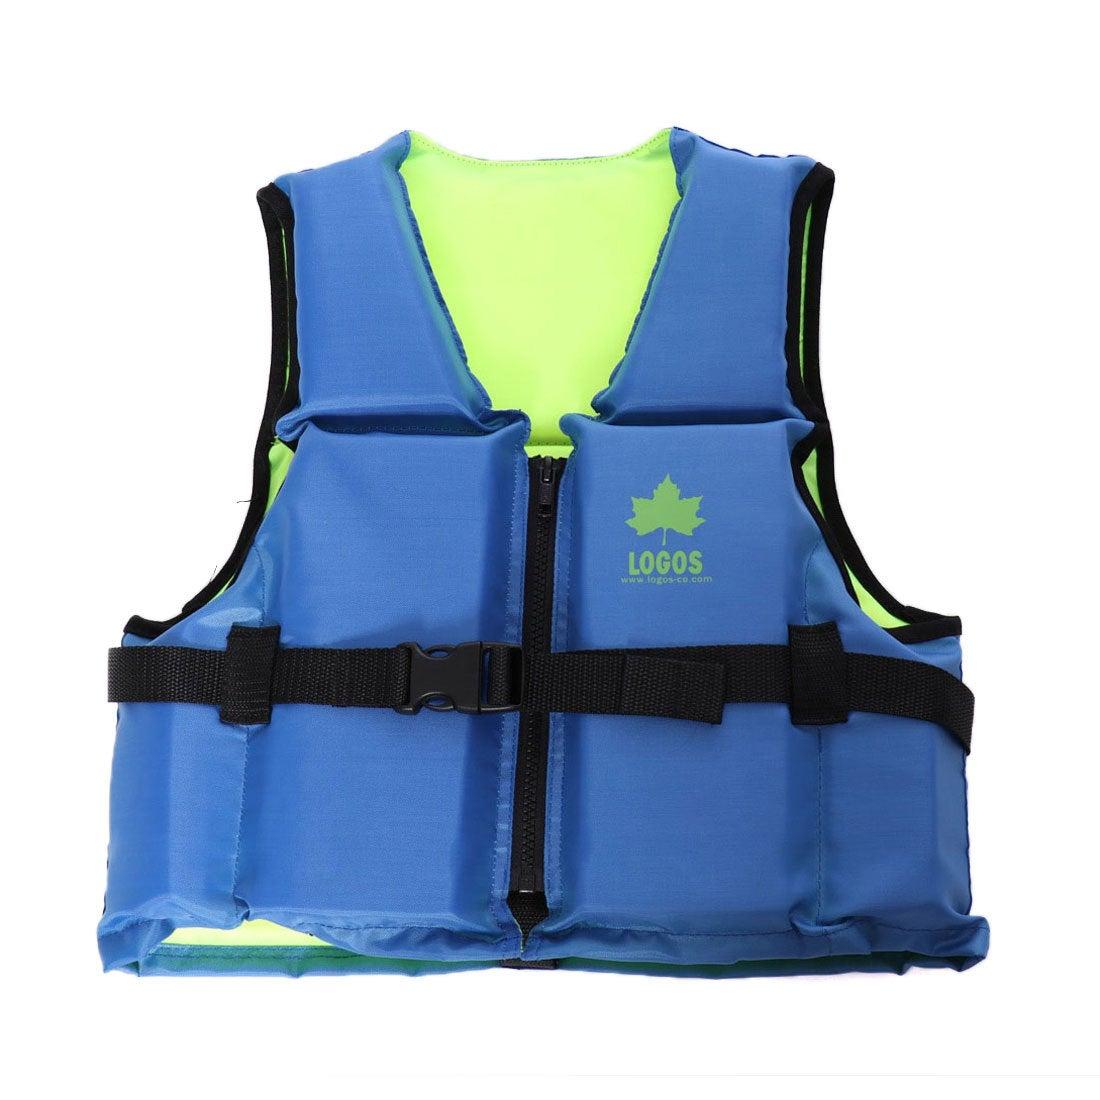 ロゴス LOGOS マリン ライフジャケット フローティングベスト子供用75(ブルー) 66812100